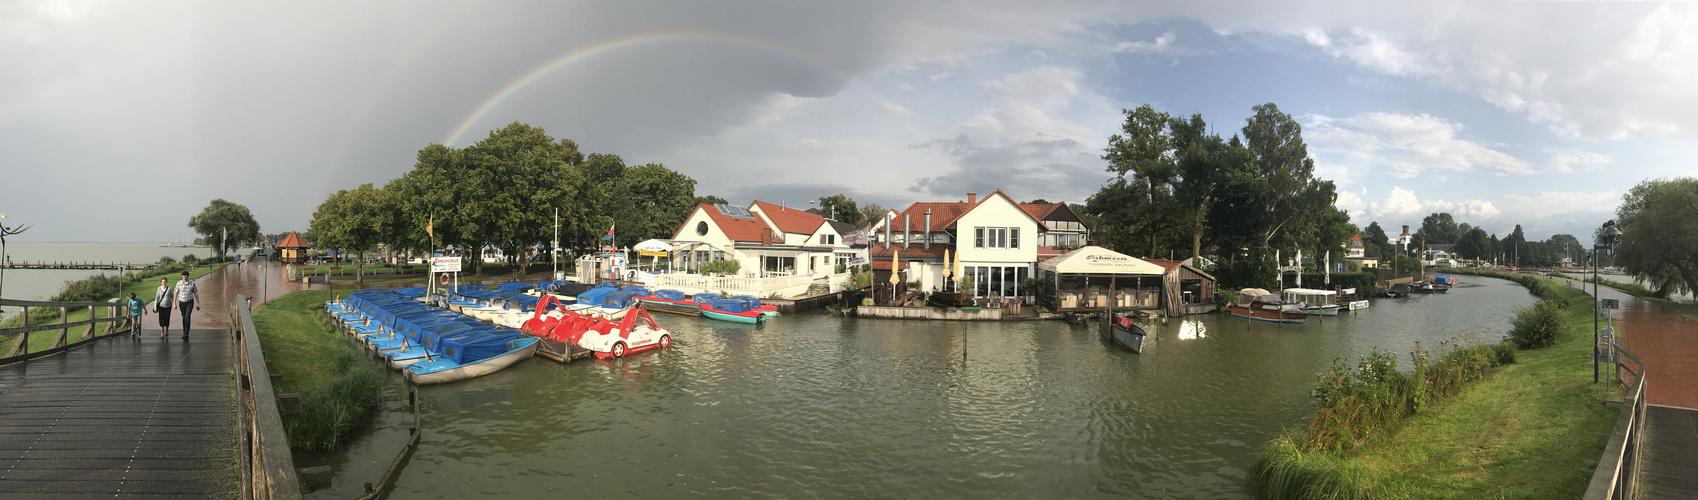 Steinhude - Steinhuder Meer (Panorama)